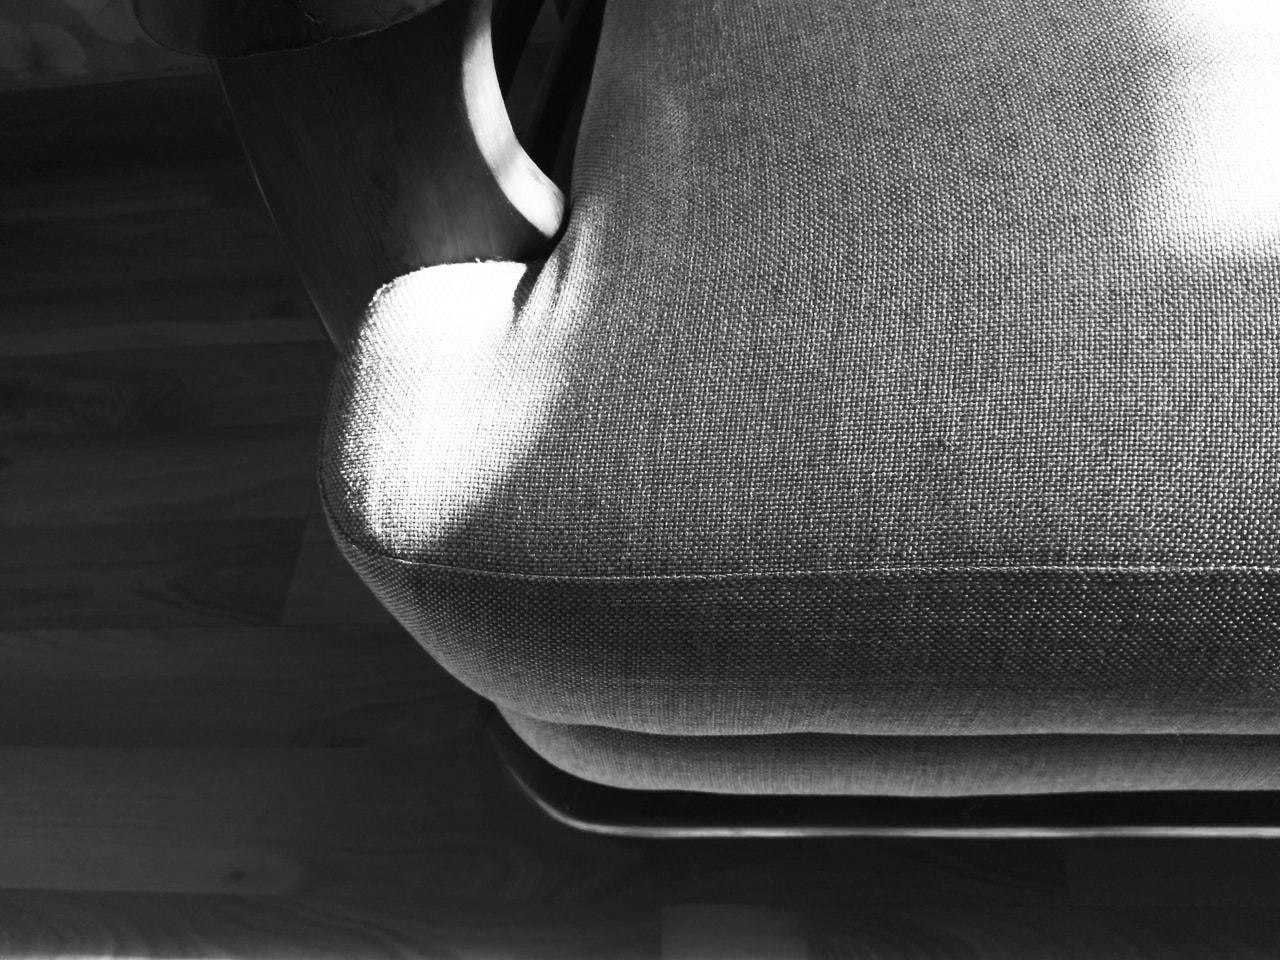 Il divano nella mia stanza. L'anima delle cose.